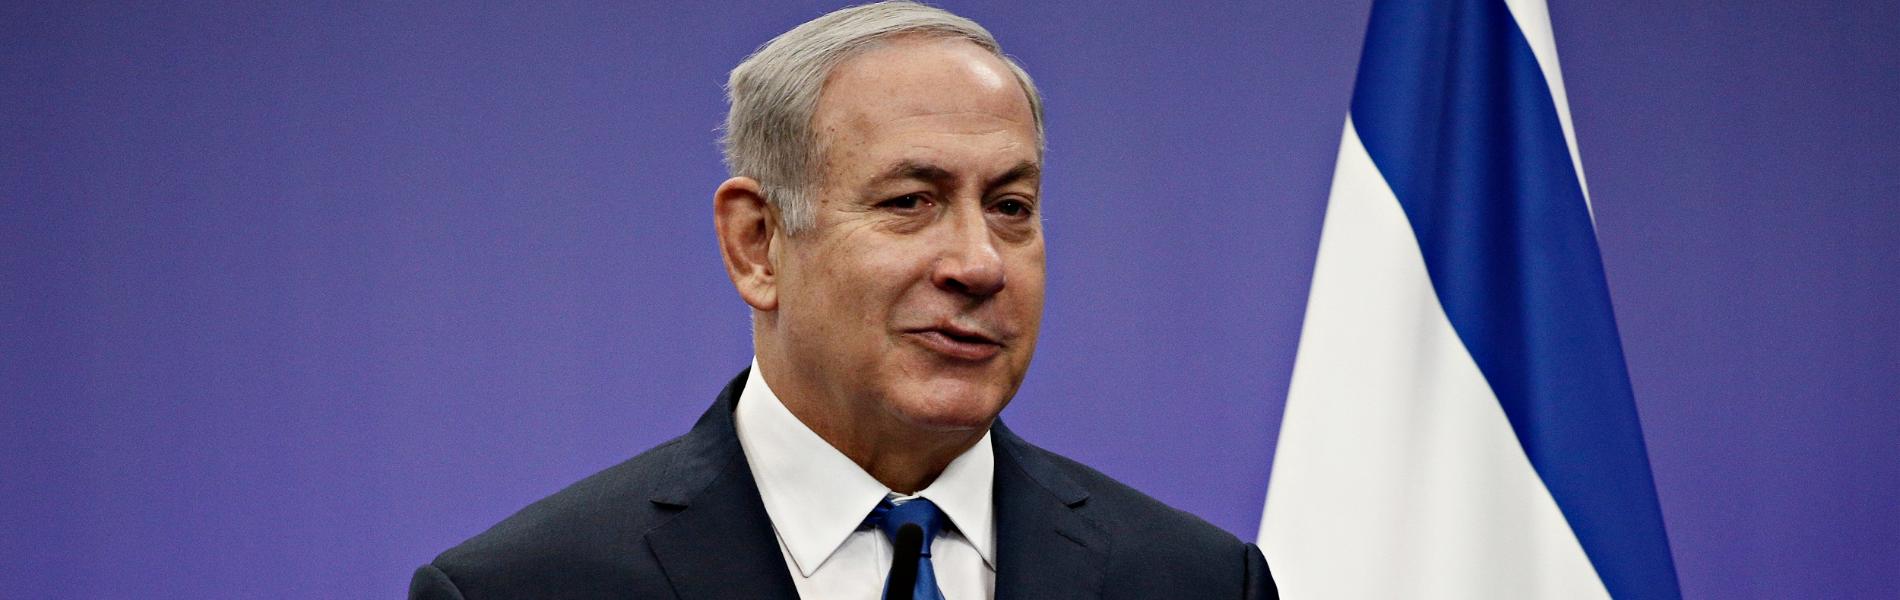 איך הגיעו ישראל ורואנדה לאותו דירוג נמוך בשוויון מגדרי?